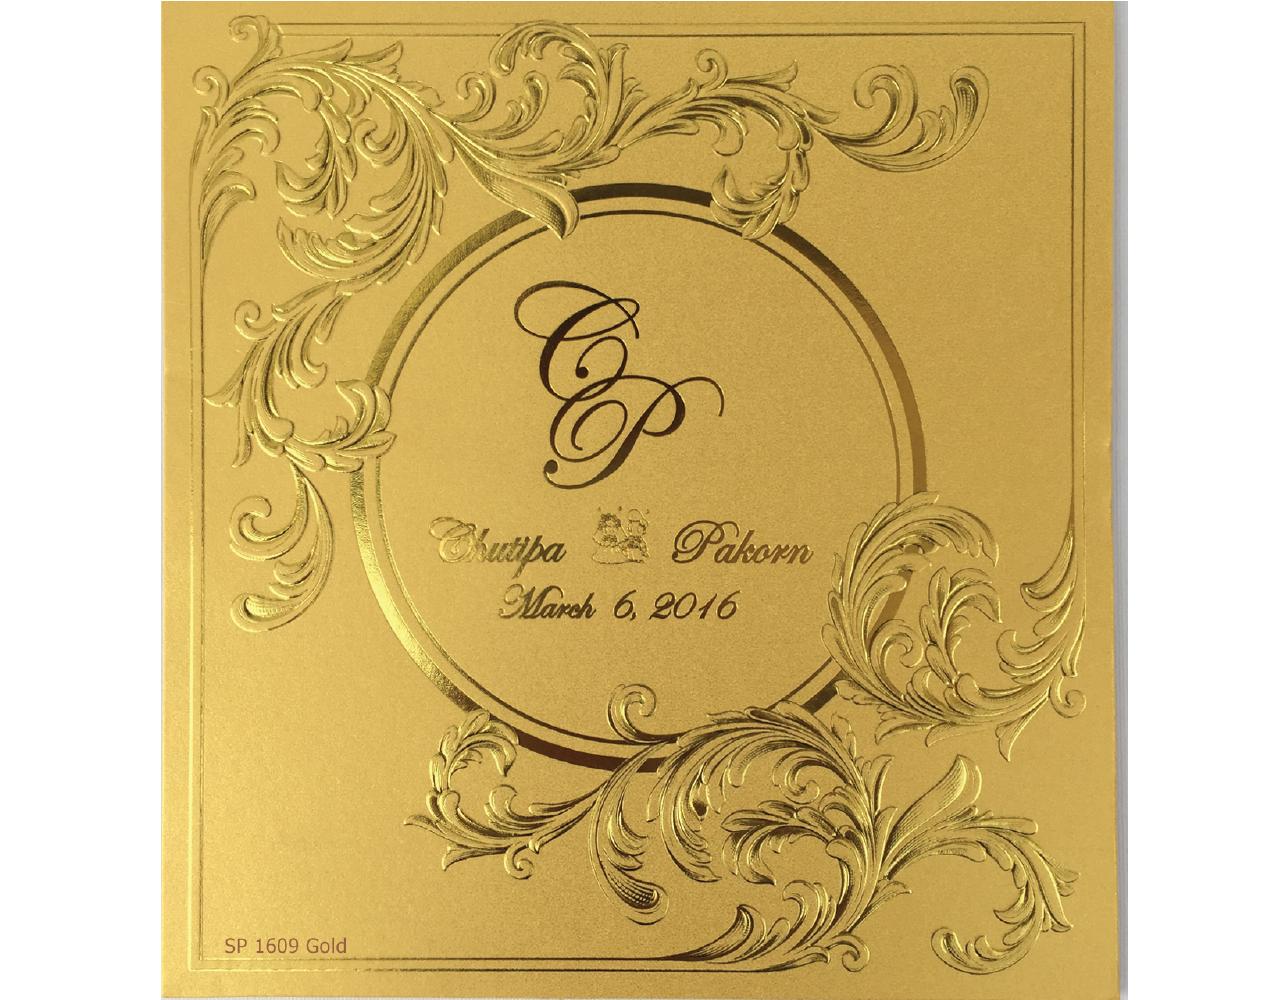 การ์ดแต่งงาน การ์ดเชิญงานแต่ง แบบหรูๆ สีทอง การ์ดพร้อมซองและกระดาษไส้ใน wedding card 6.5x7 inch SP 1609 Gold